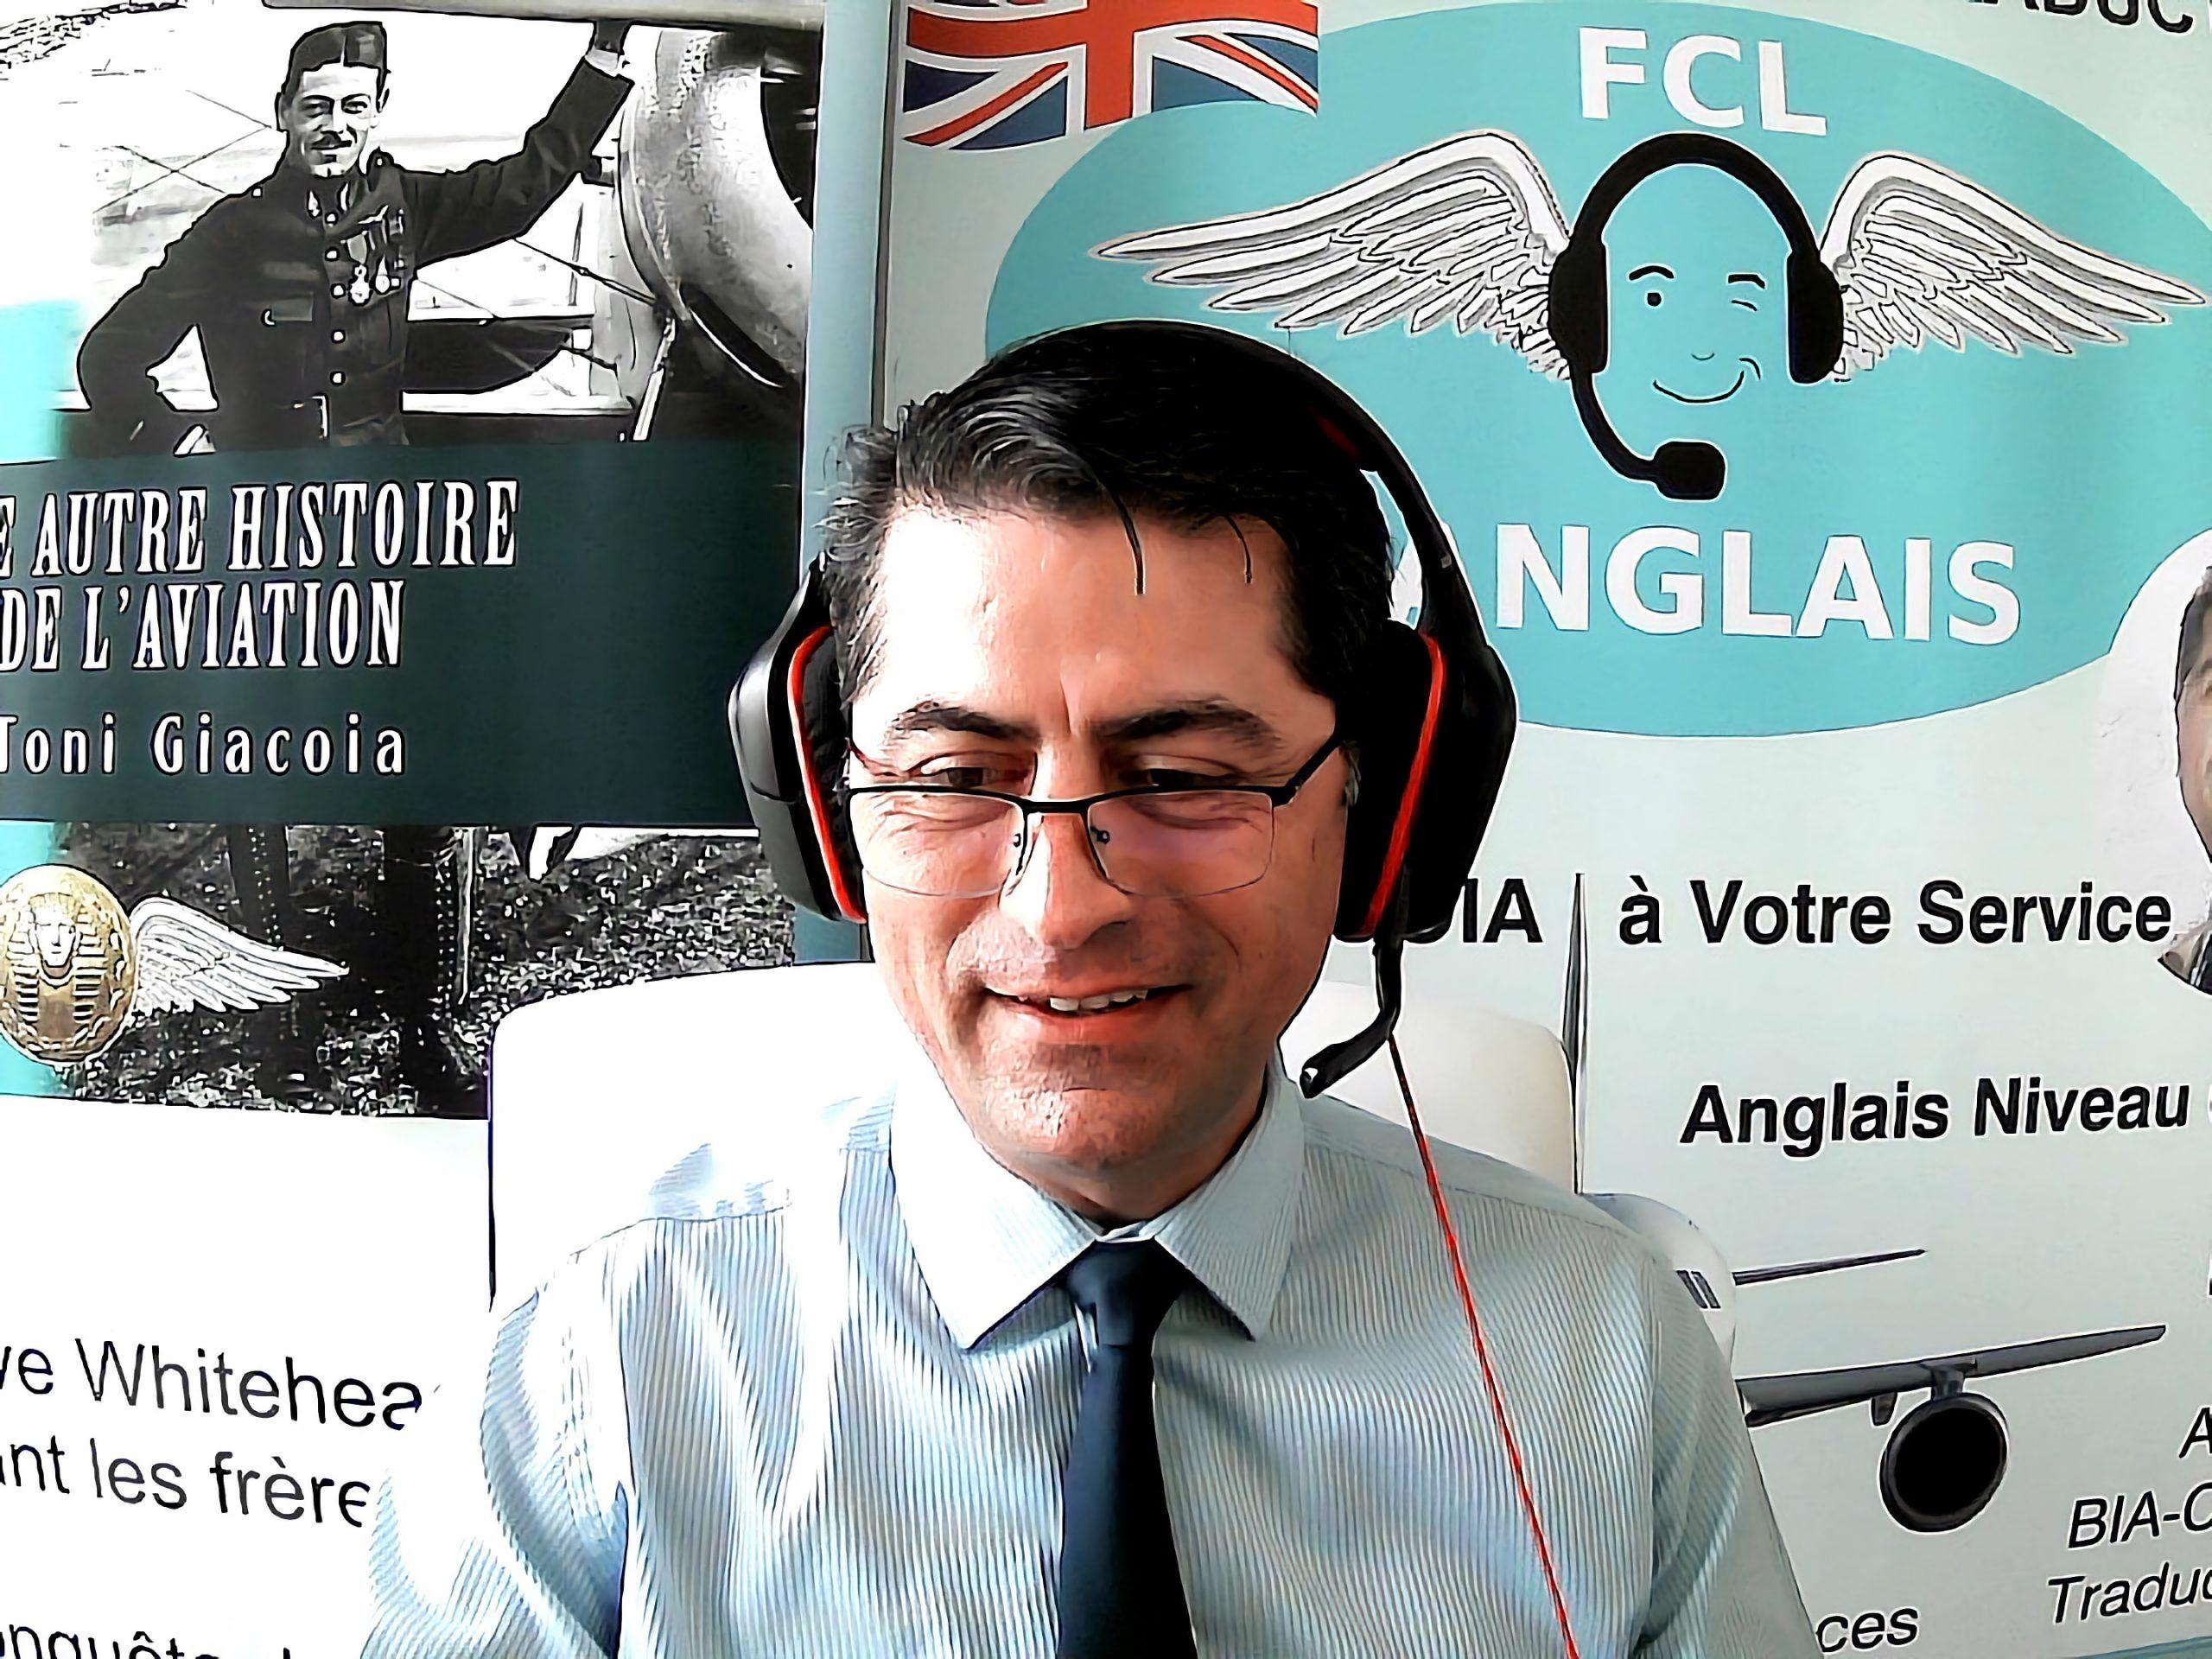 BIA Indre-et-Loire Tours cours anglais aéronautique Toni Giacoia